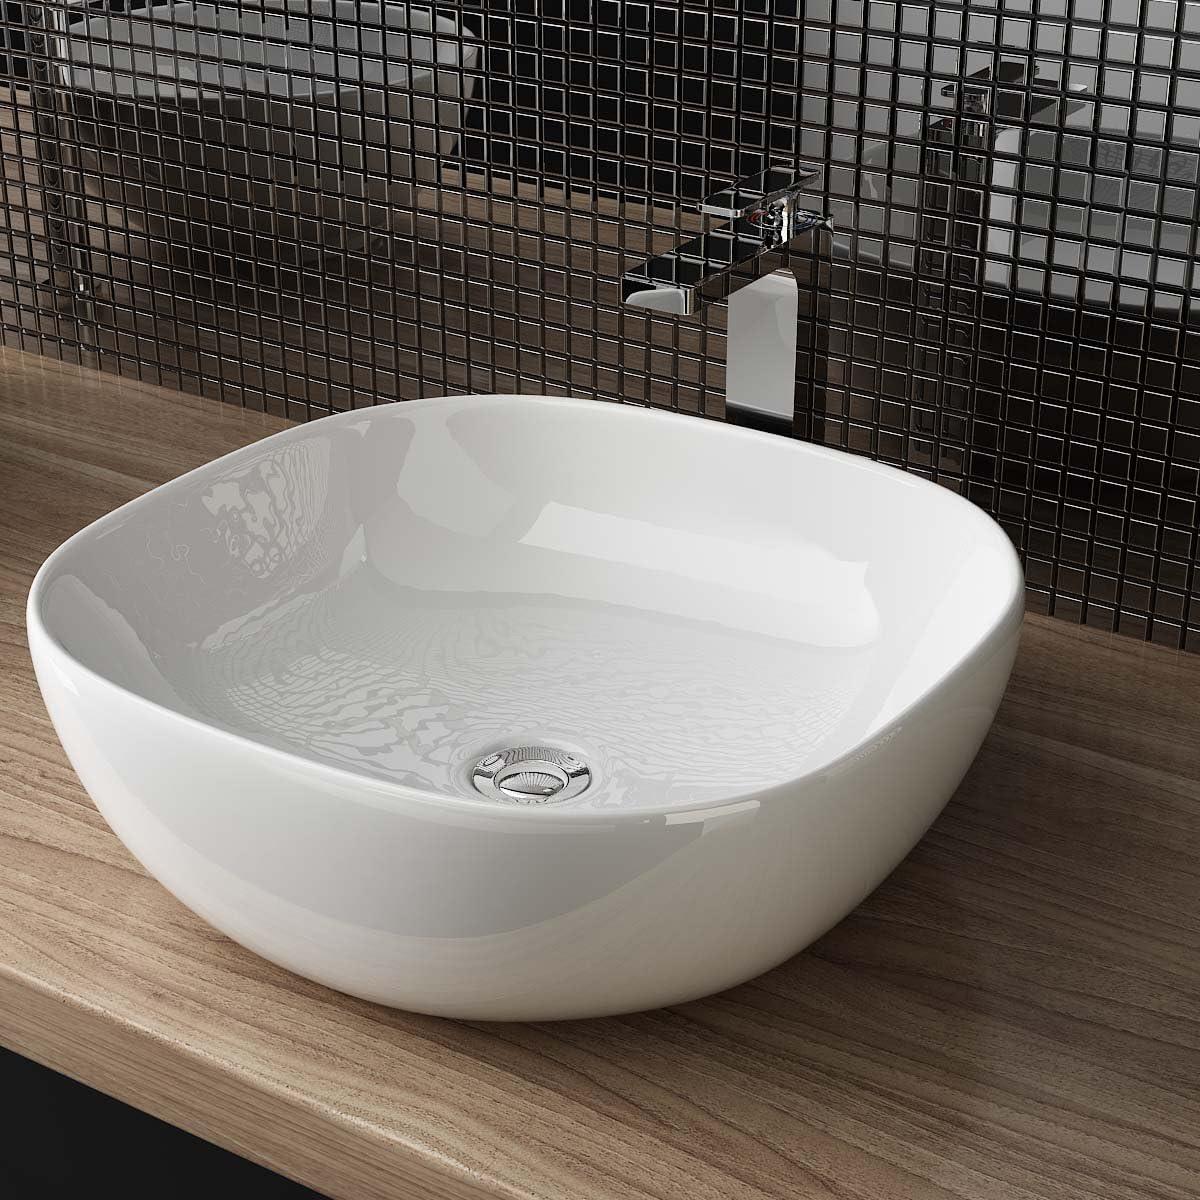 Heimwerker Aufsatzwaschbecken für das Badezimmer DESIGN KERAMIK